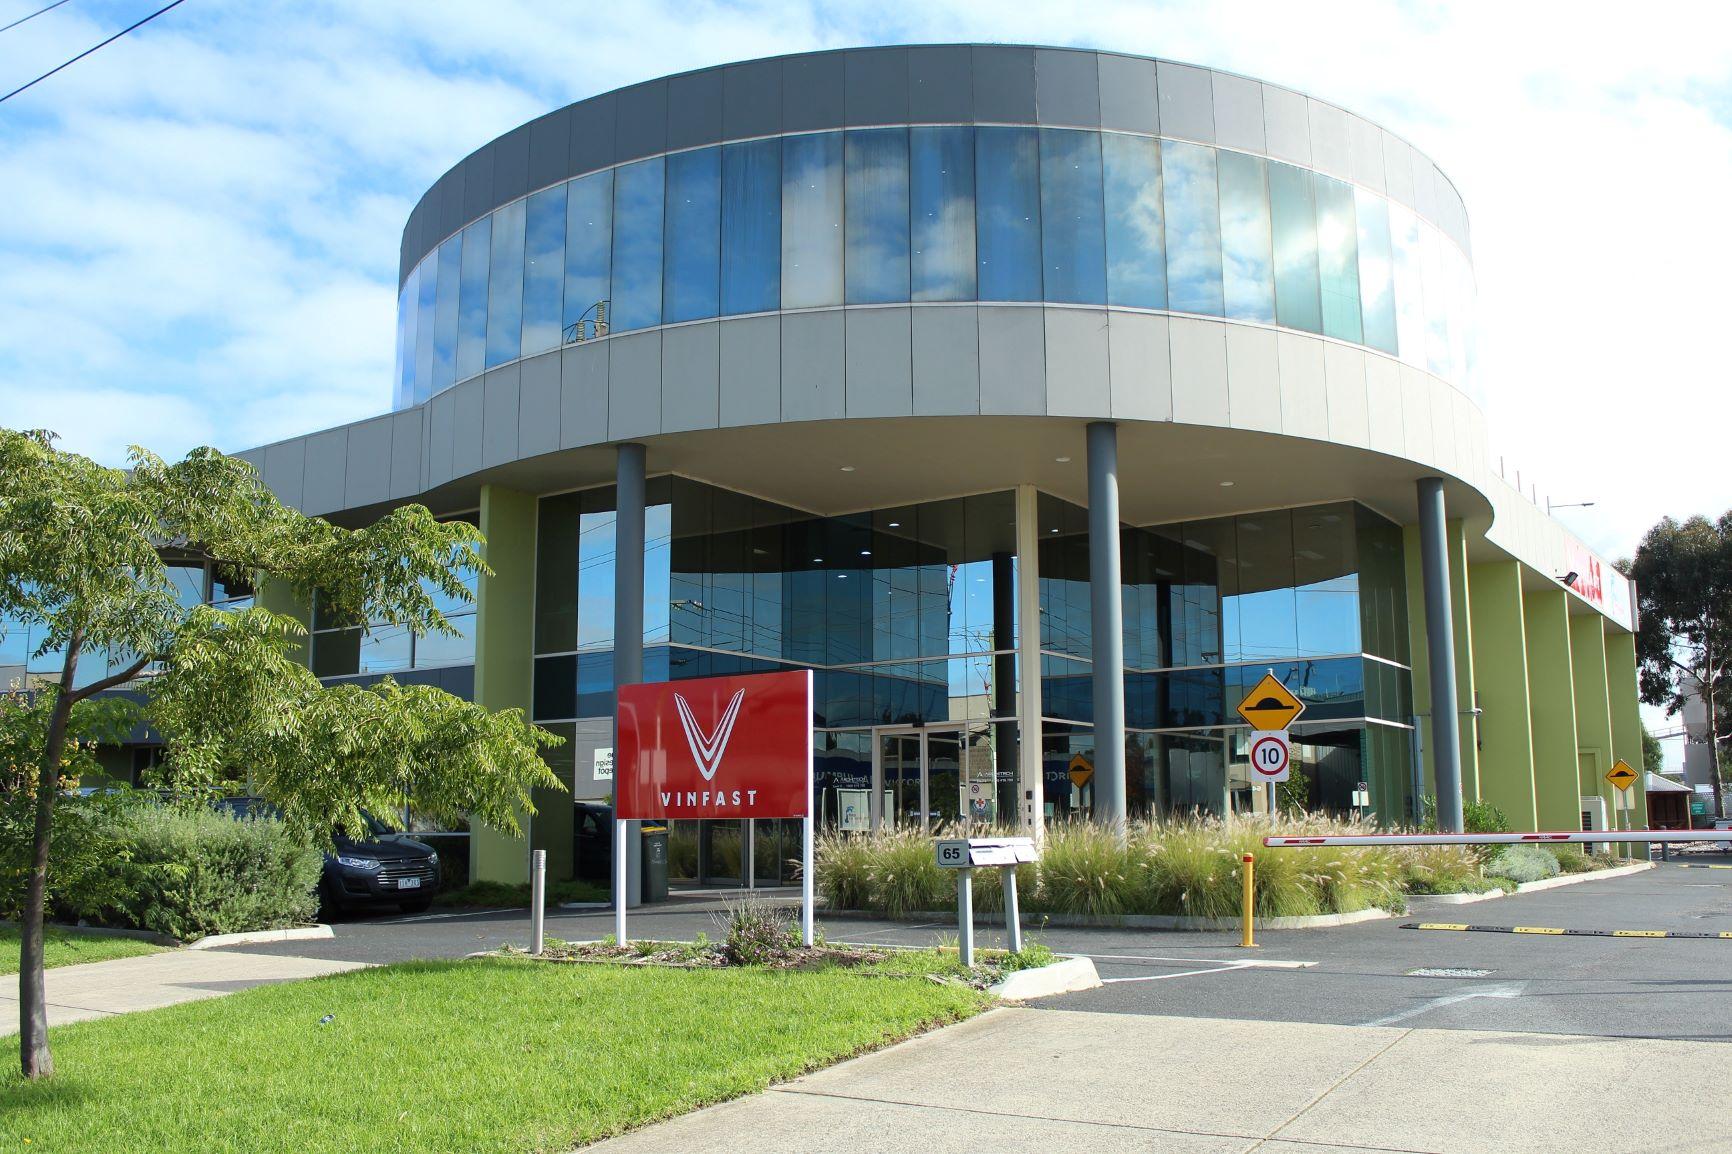 VinFast khai trương văn phòng tại Australia - Ảnh 3.